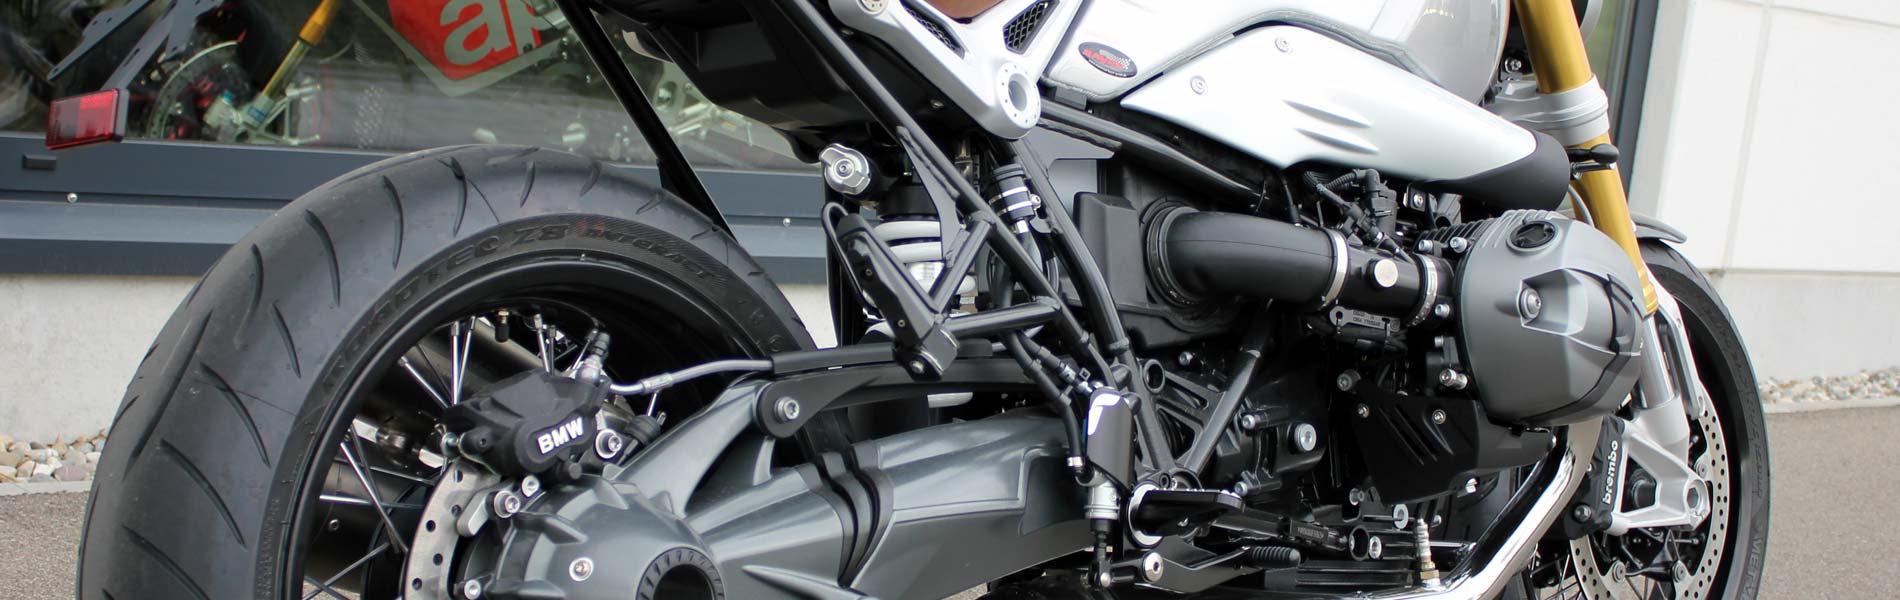 Saisonstart 2017 im Motorradzentrum Ulm/Senden